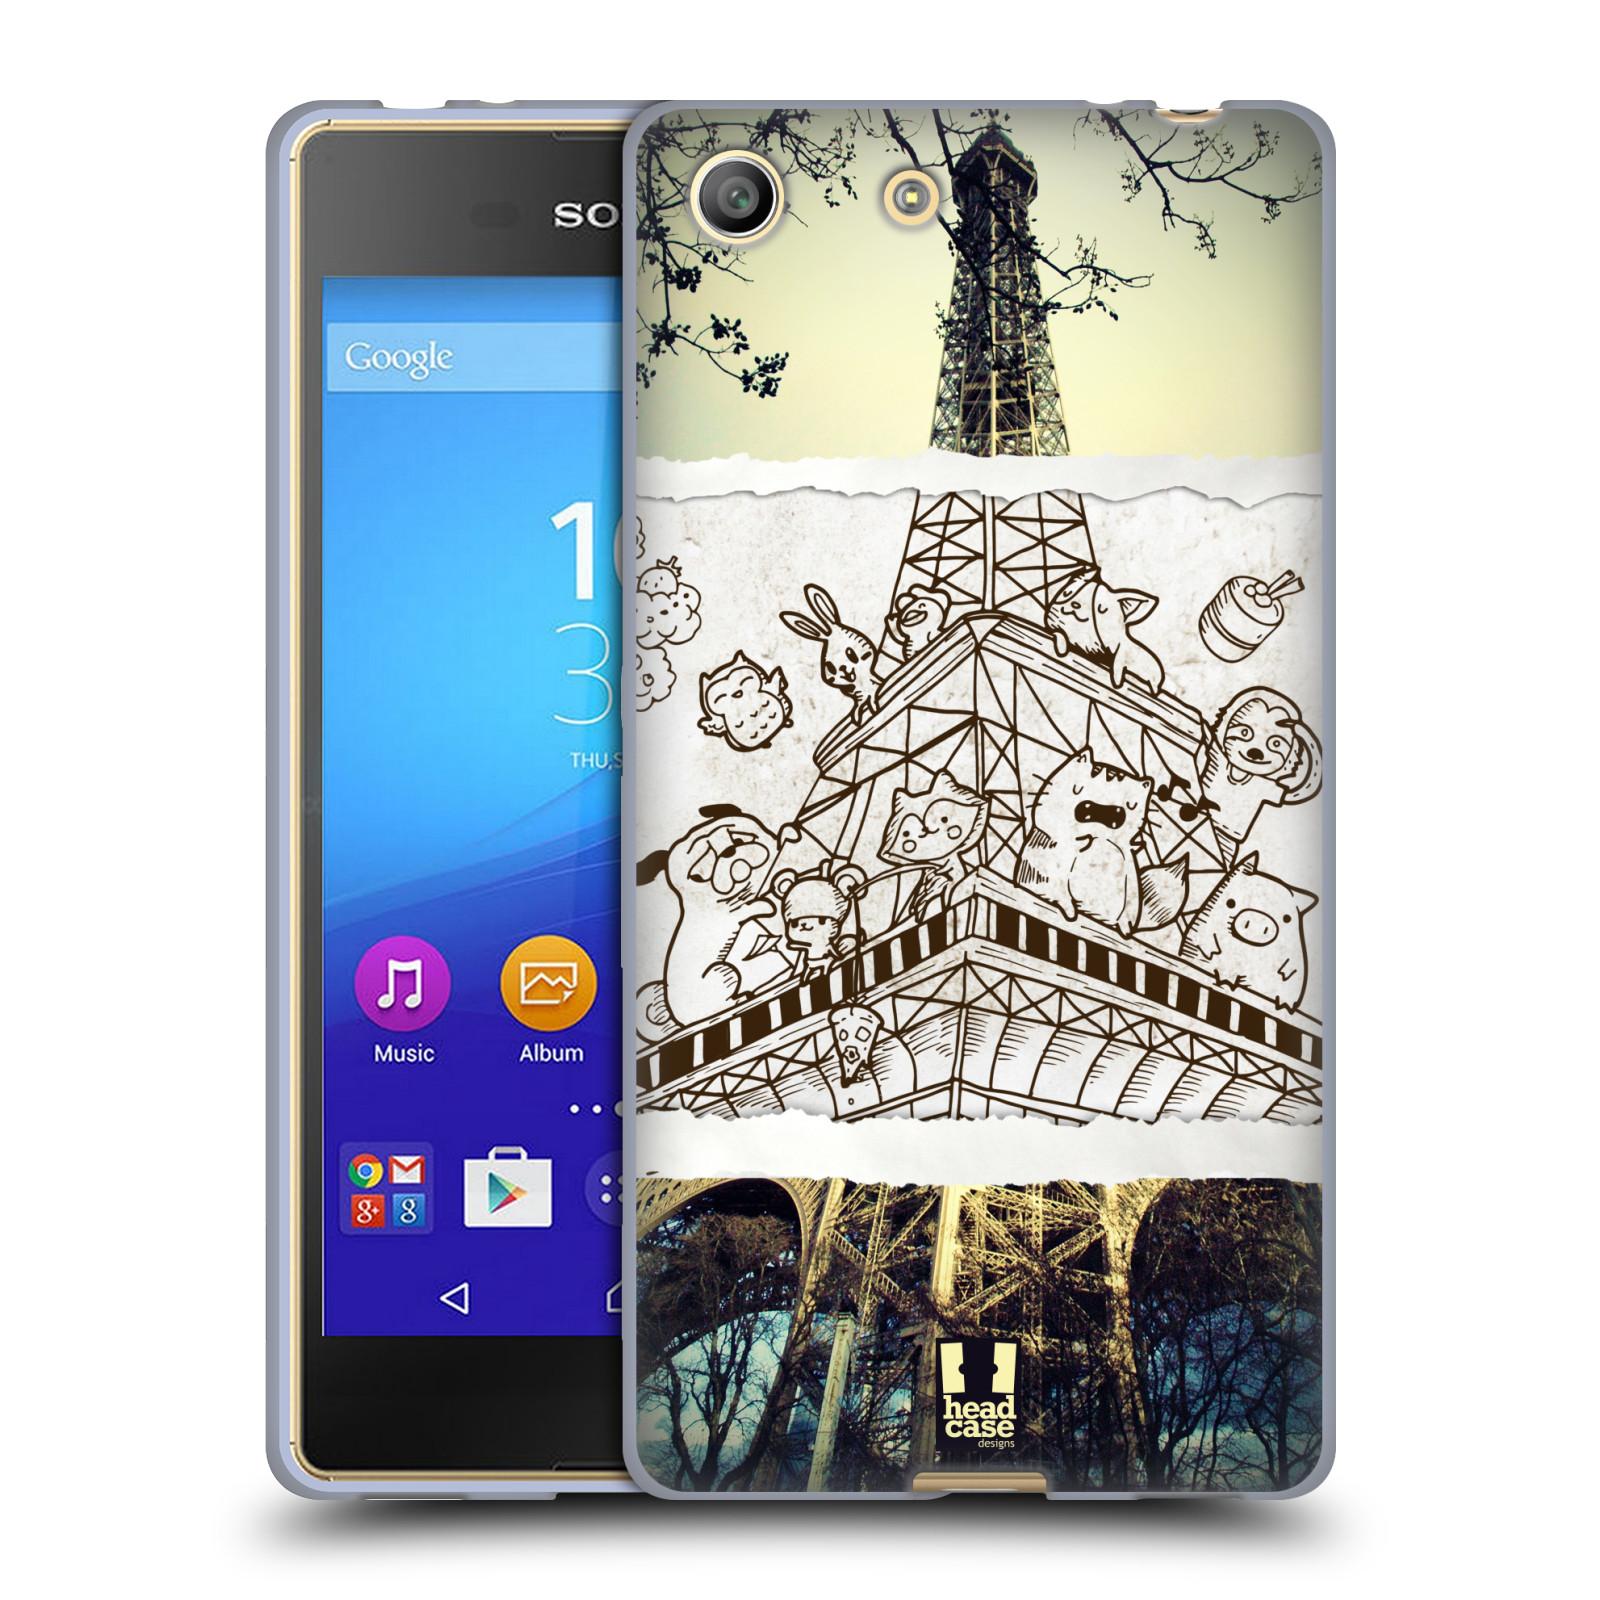 Silikonové pouzdro na mobil Sony Xperia M5 HEAD CASE DOODLE TRIP PAŘÍŽ (Silikonový kryt či obal na mobilní telefon Sony Xperia M5 Dual SIM / Aqua)